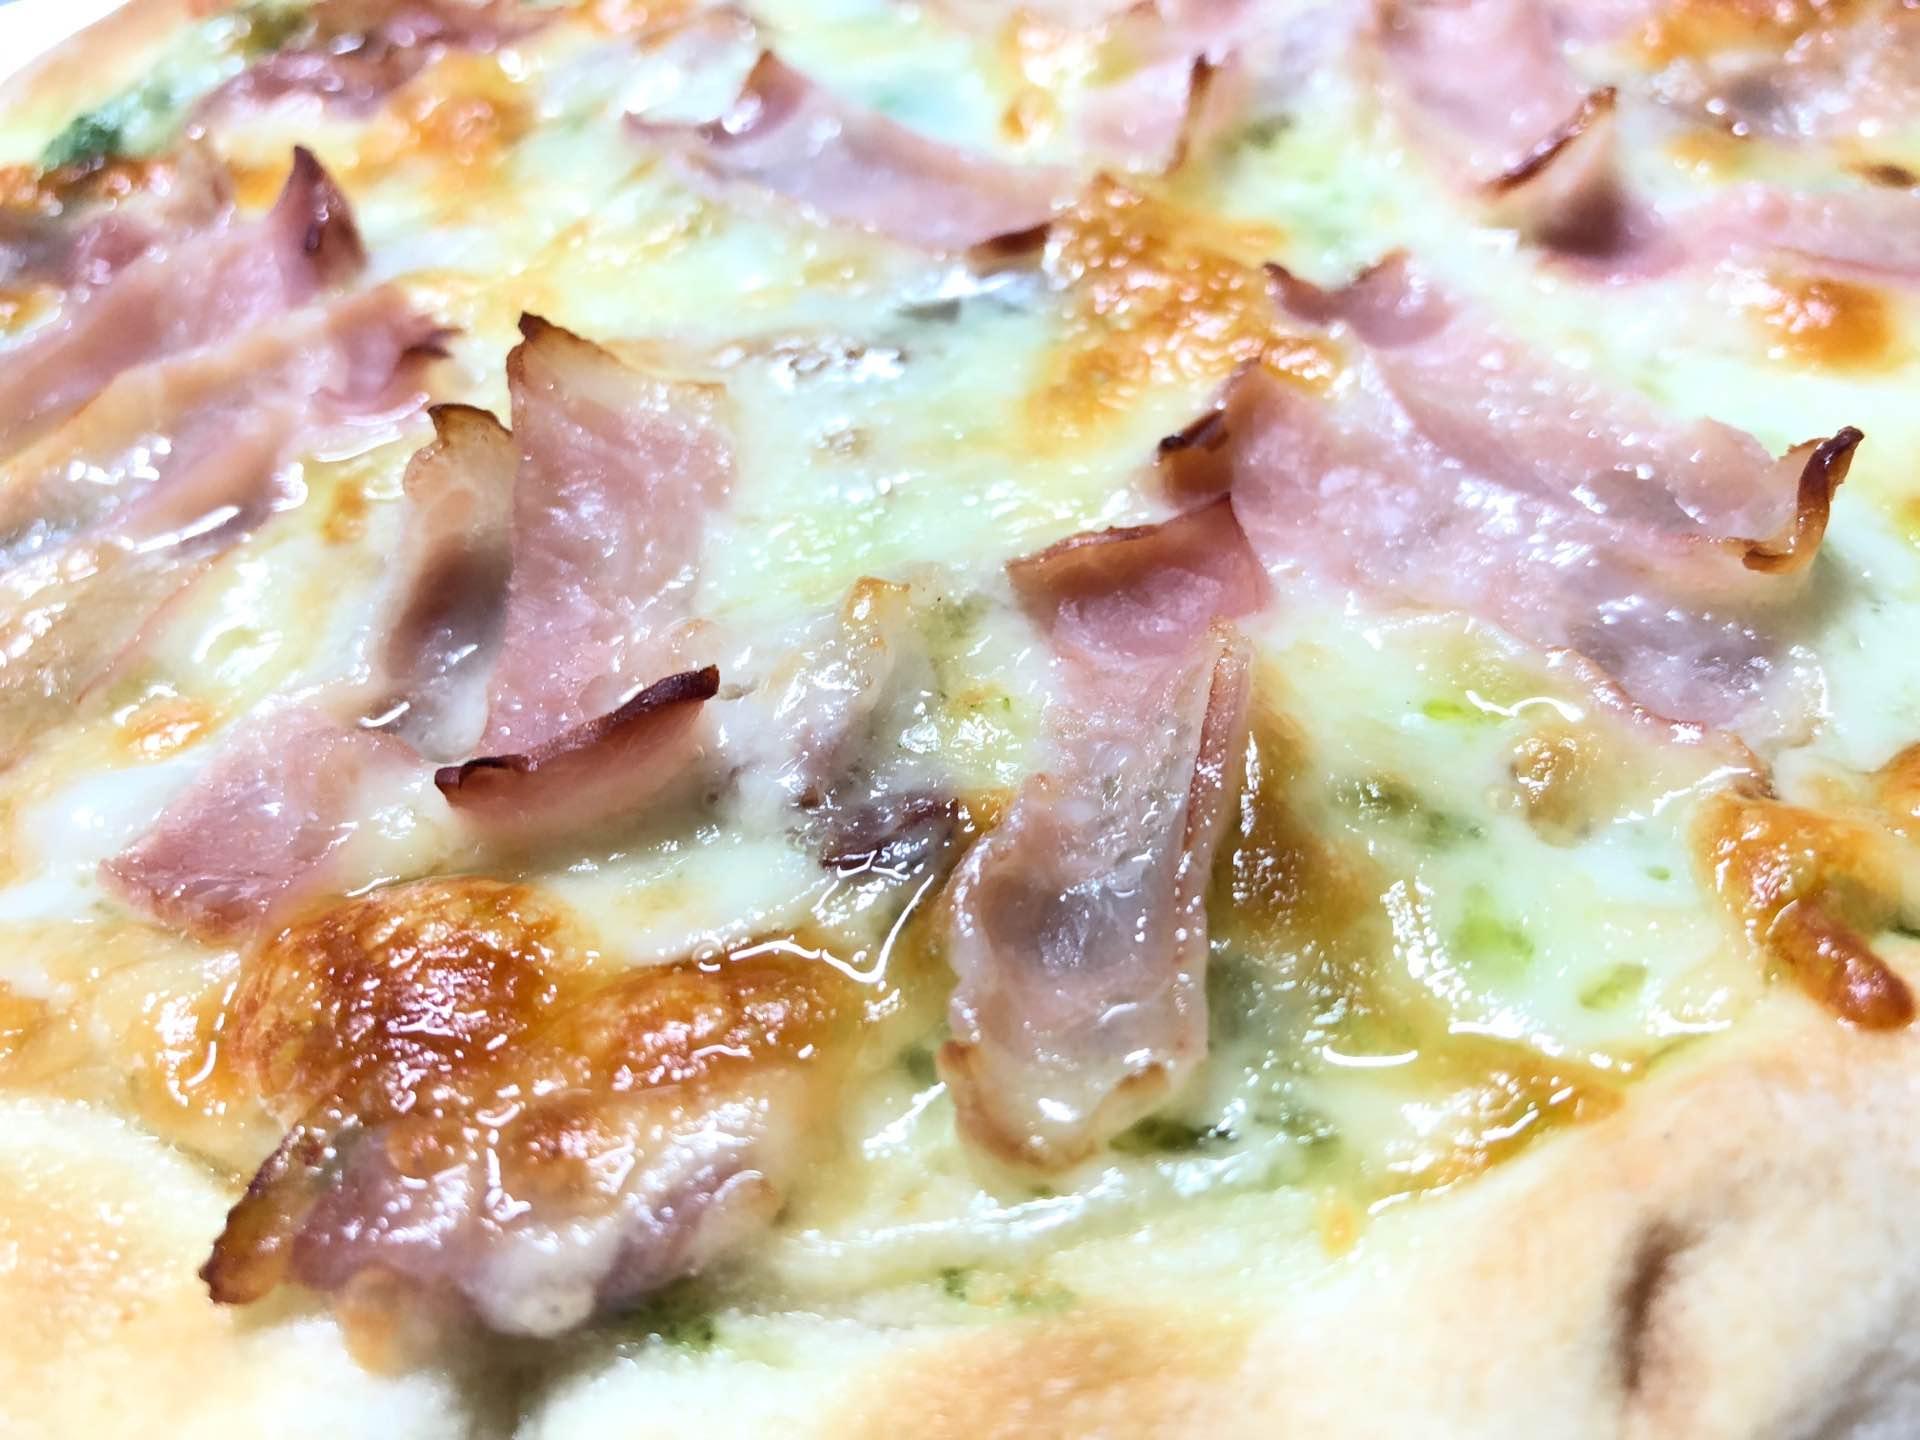 チルドピザにチーズとベーコン足して(゚д゚)ウマー https://t.co/eQOVeFz8lM